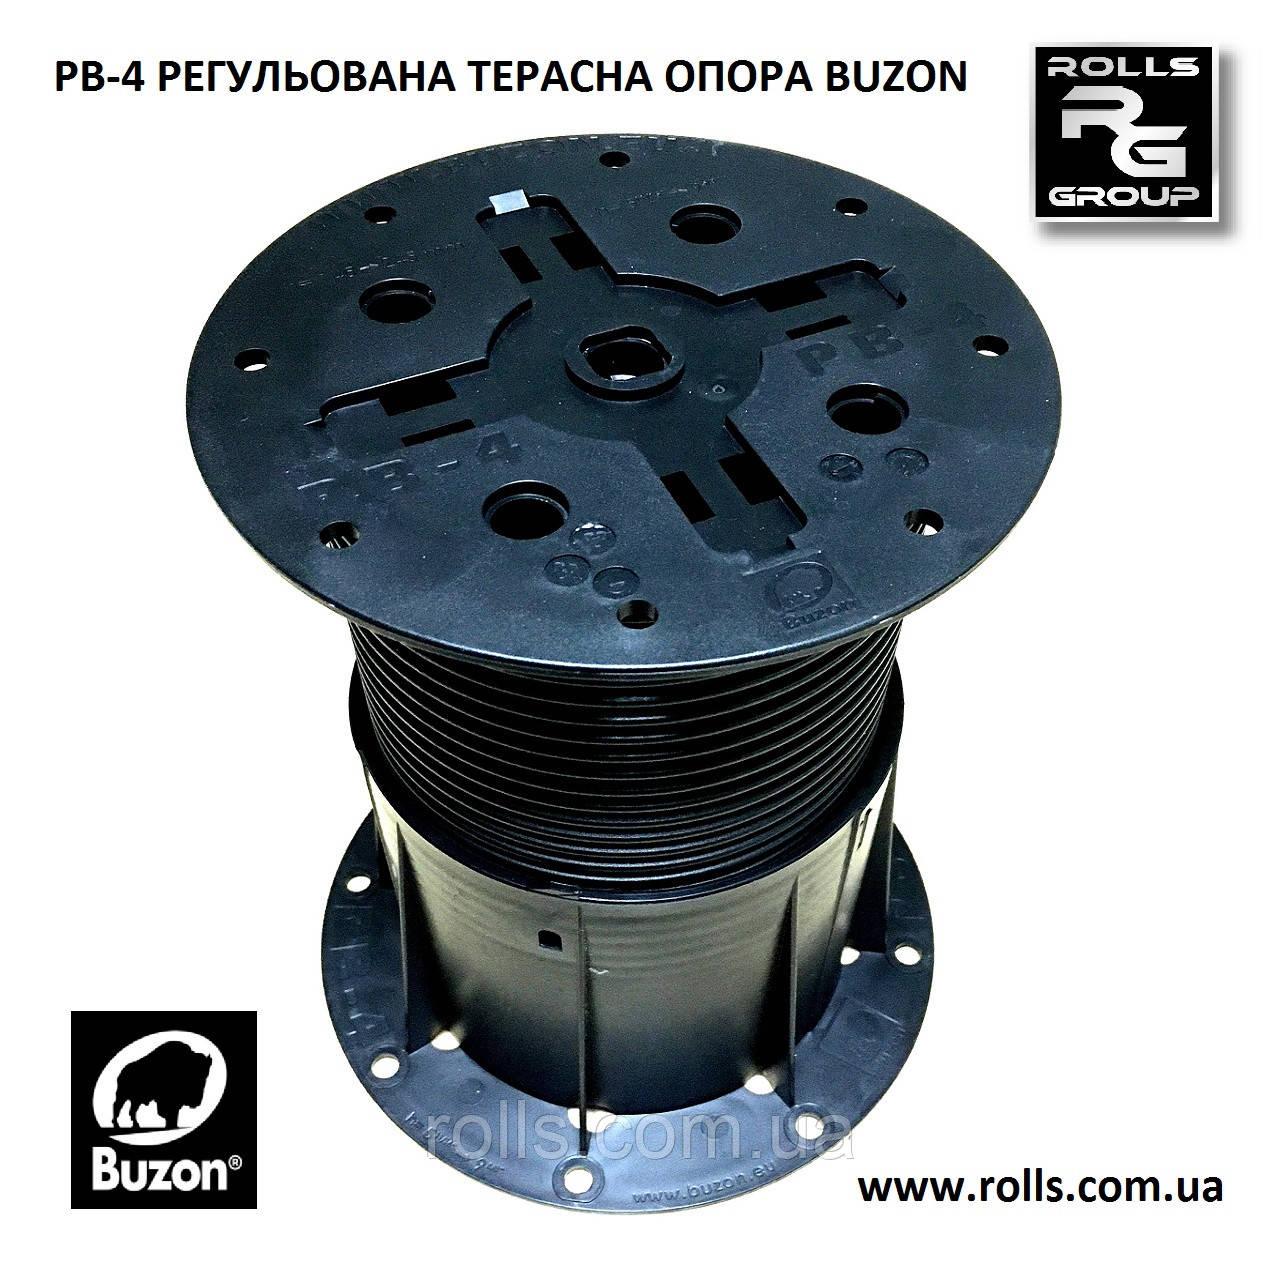 PB-4 Регулируемая опора h145-245мм без корректора уклона Buzon терраса, отмостка бассейна